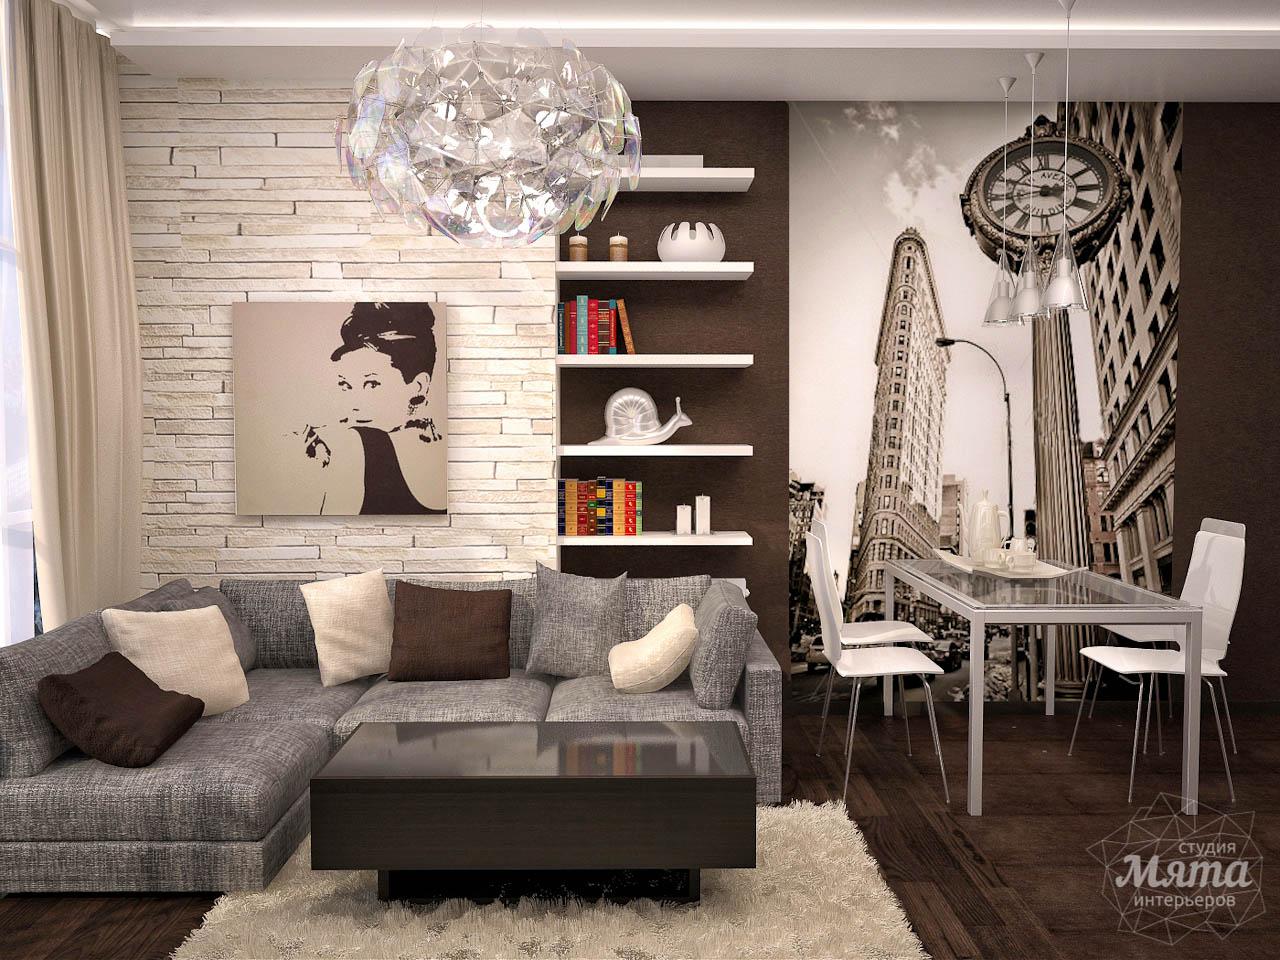 Дизайн интерьера трехкомнатной квартиры по ул. Папанина 18 img867620988